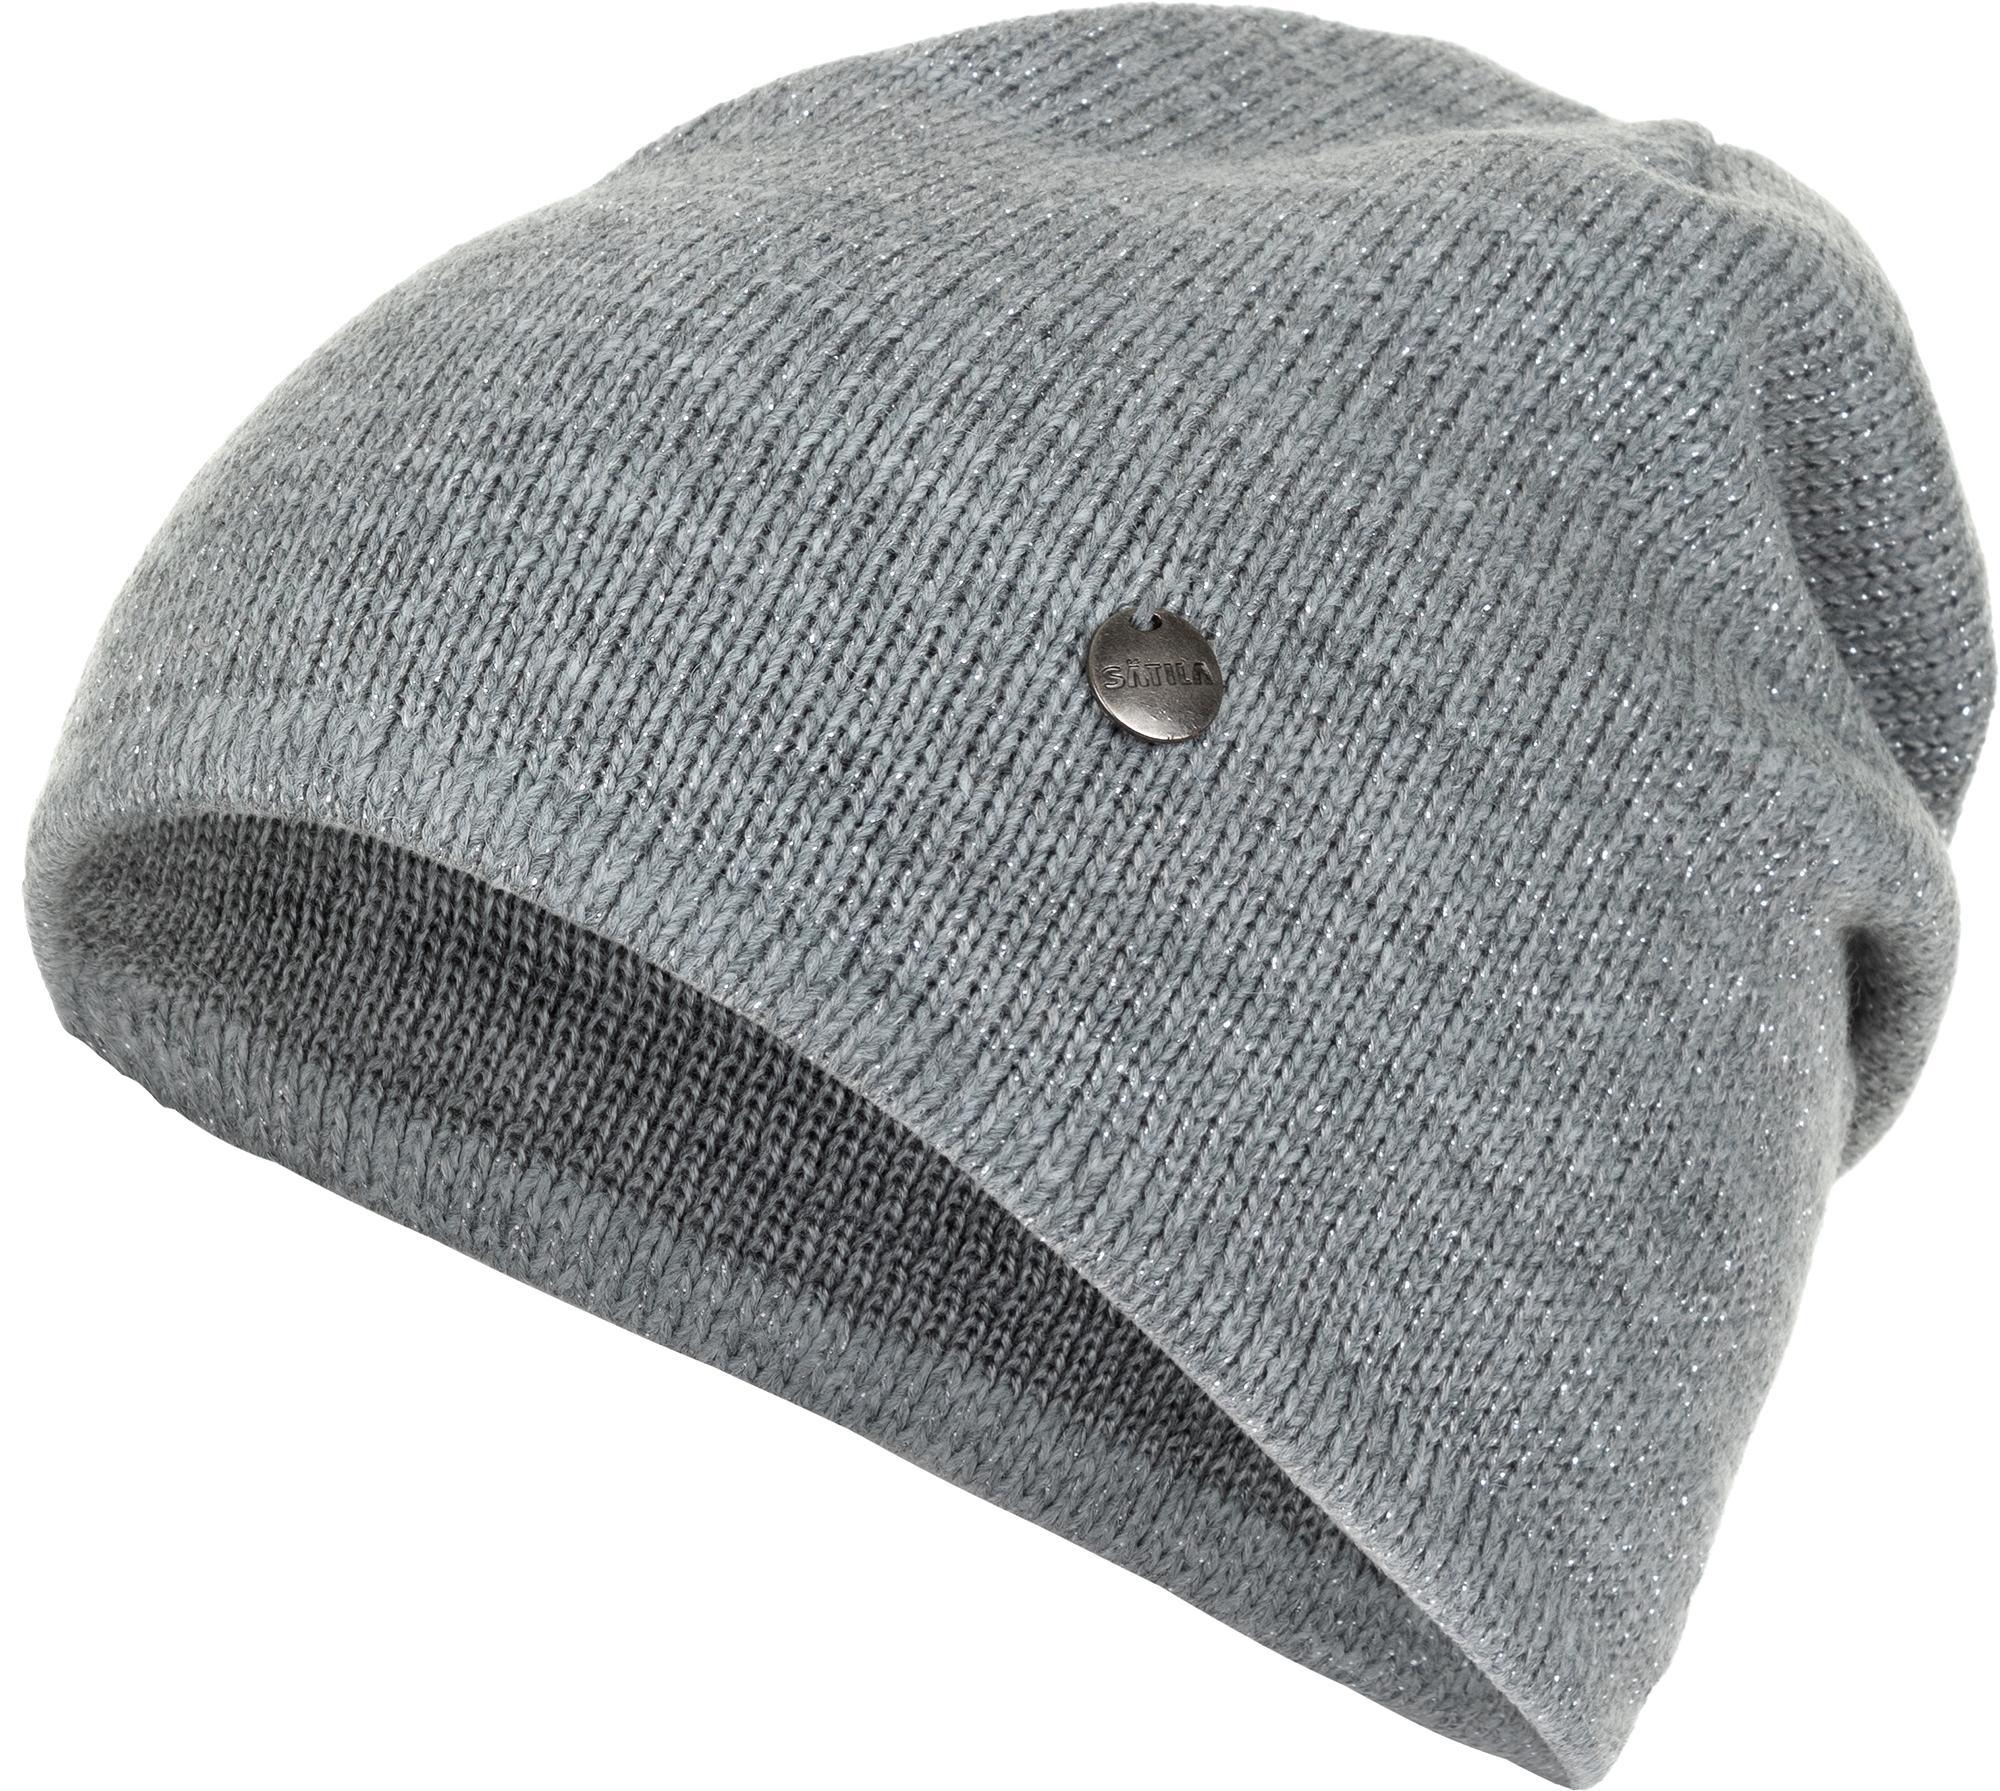 Satila Шапка женская Satila Glamy, размер 56 шапка женская level pro вальс 2 цвет черный 995934 размер 56 58